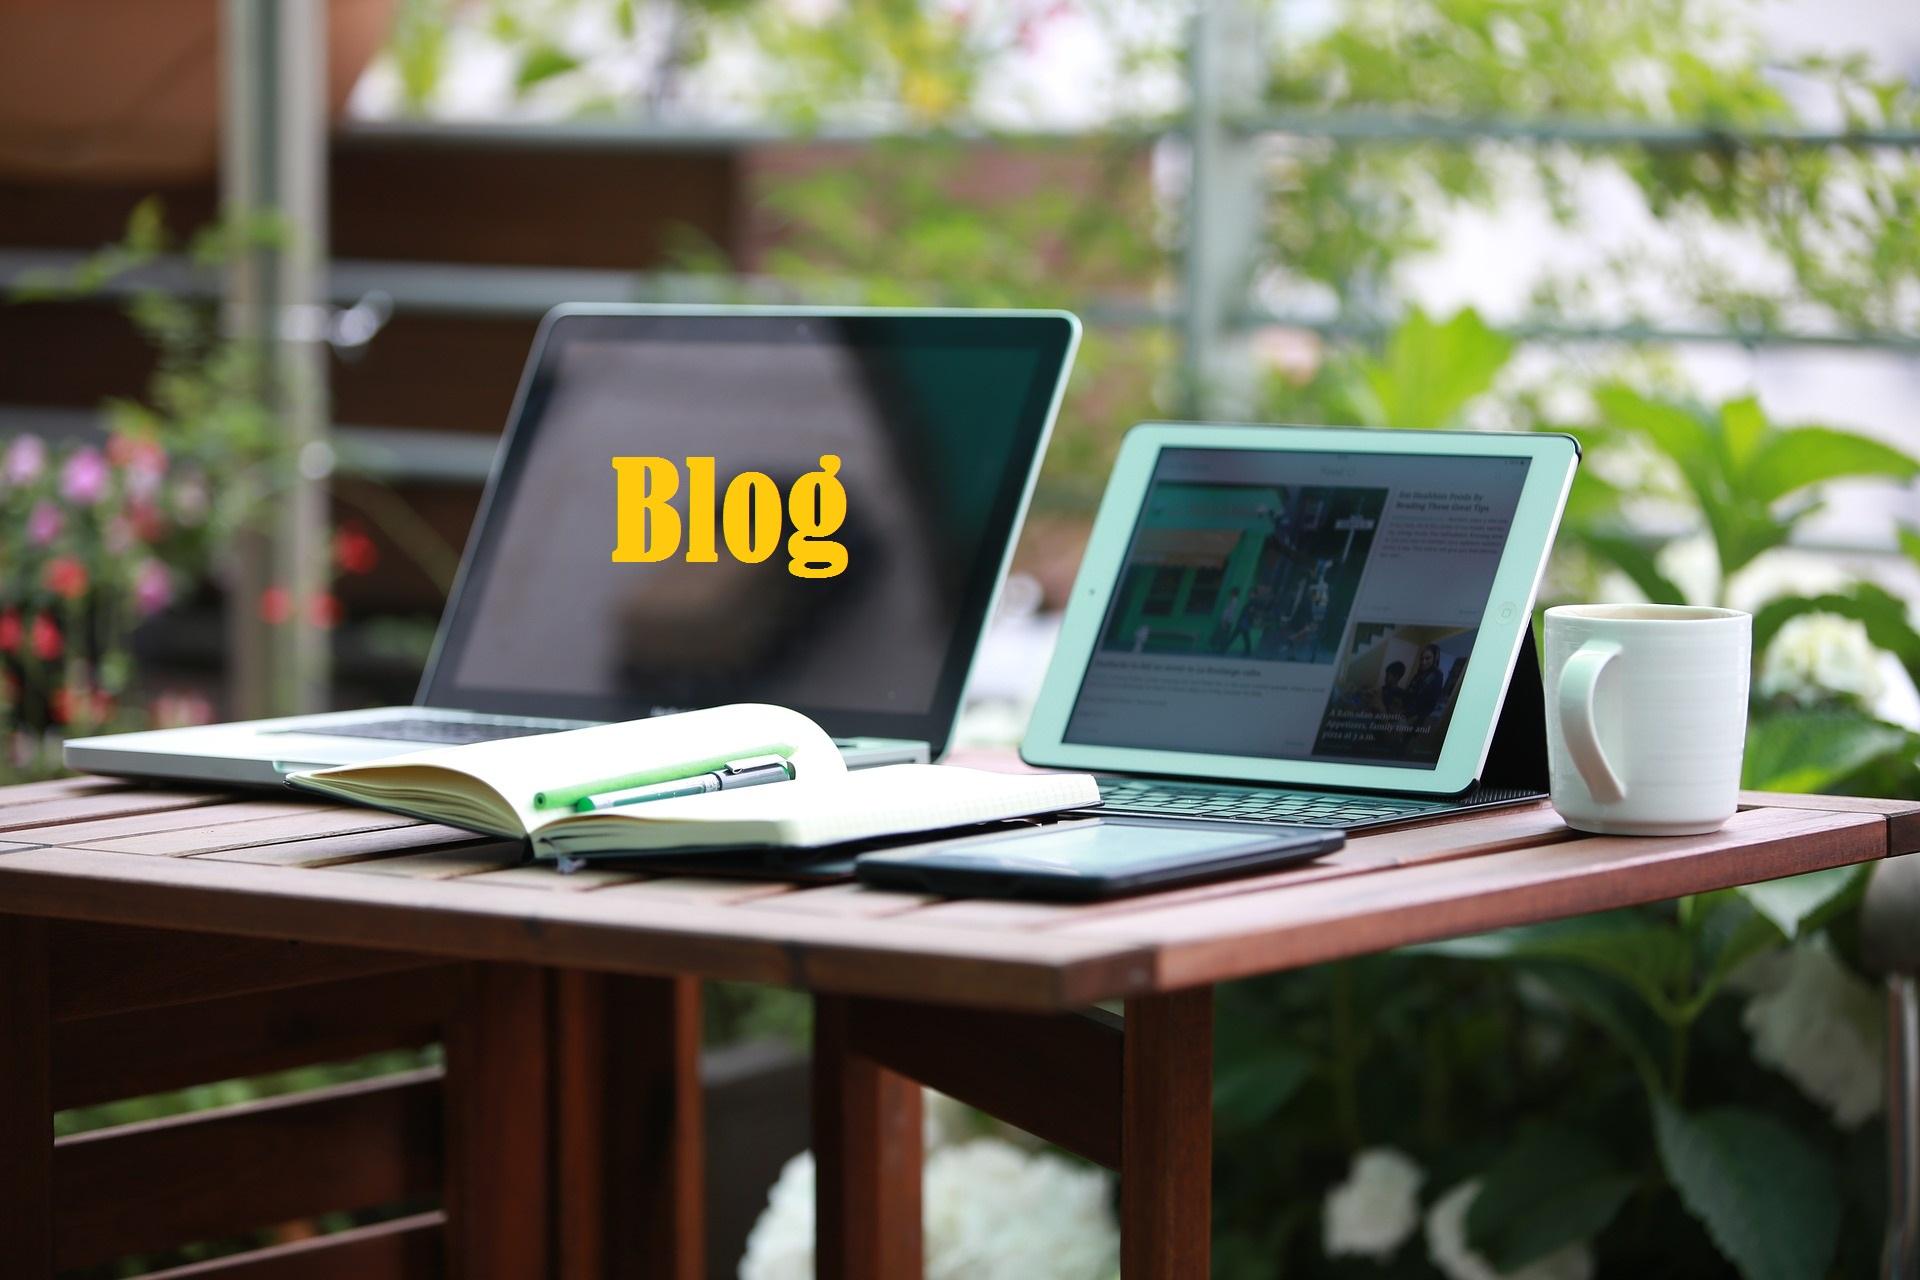 como criar um blog profissional wordpress